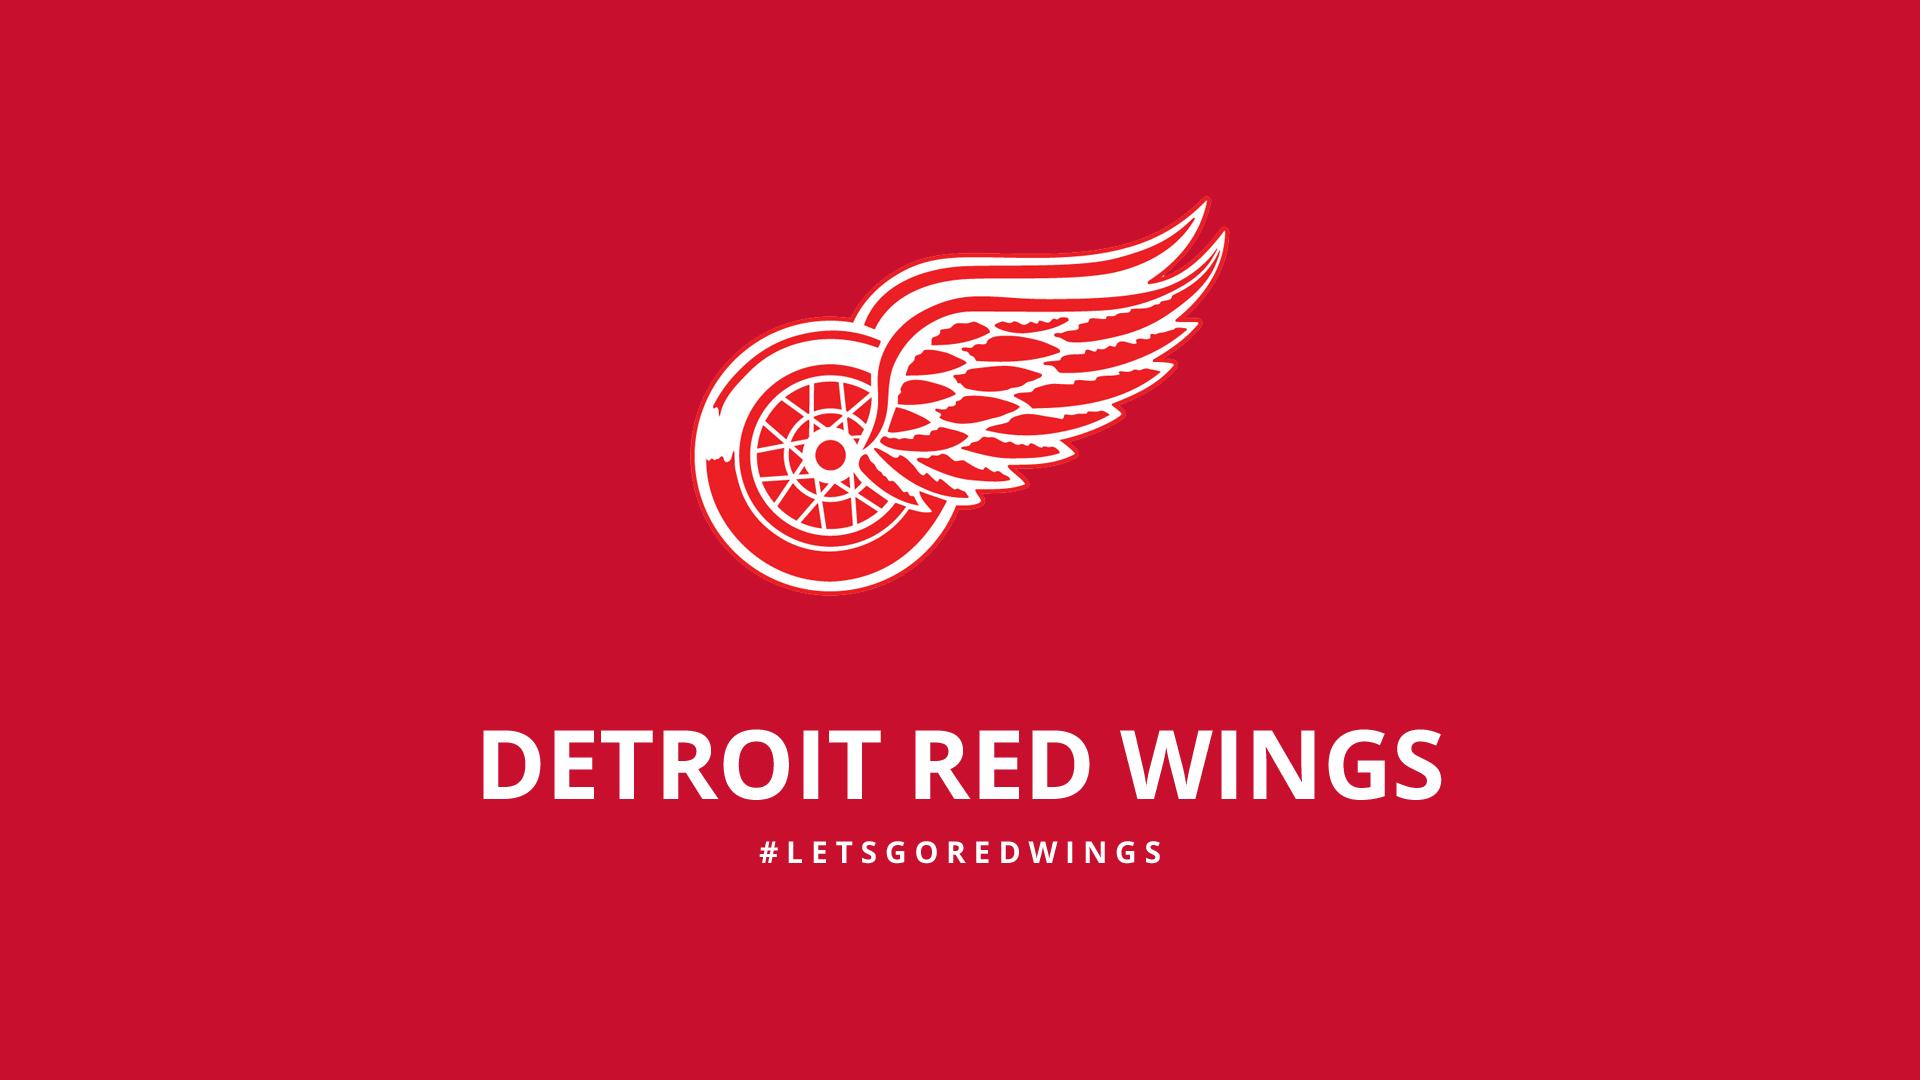 detroit red wings wallpaper wallpapersafari